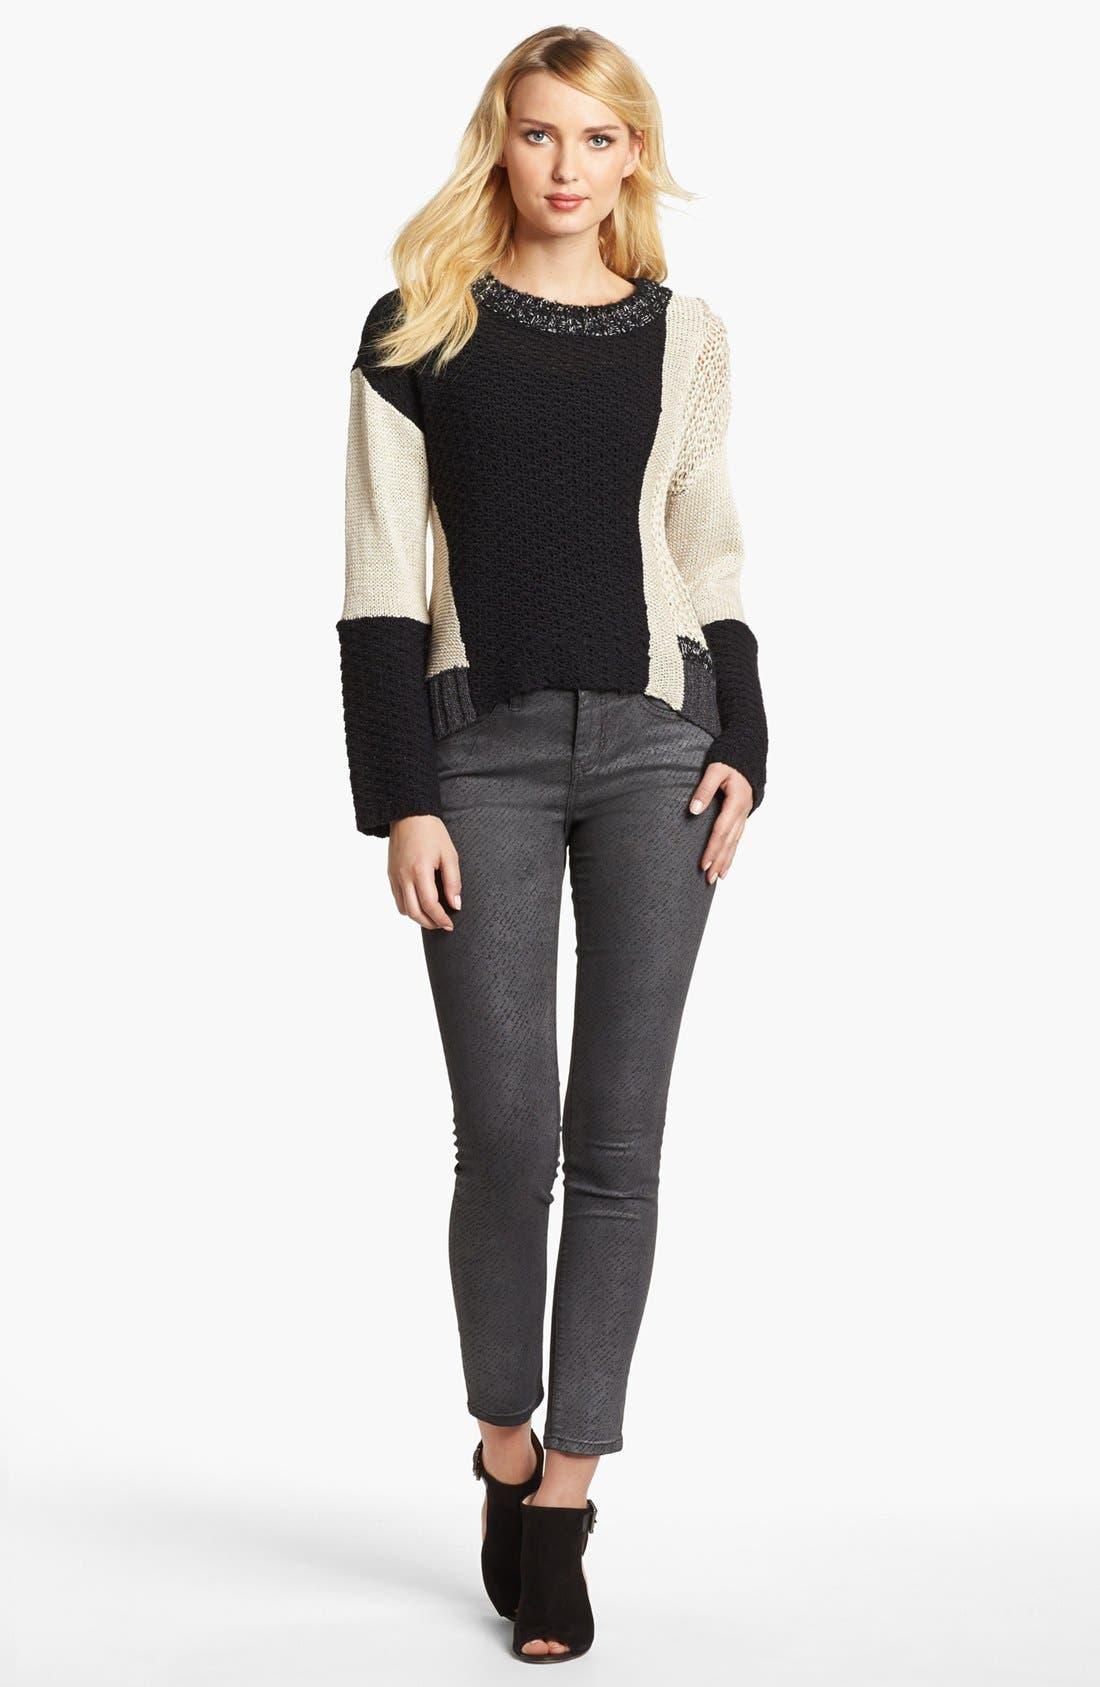 Main Image - Jag Jeans 'Miranda' Metallic Coated Print Skinny Jeans (Regular & Petite)